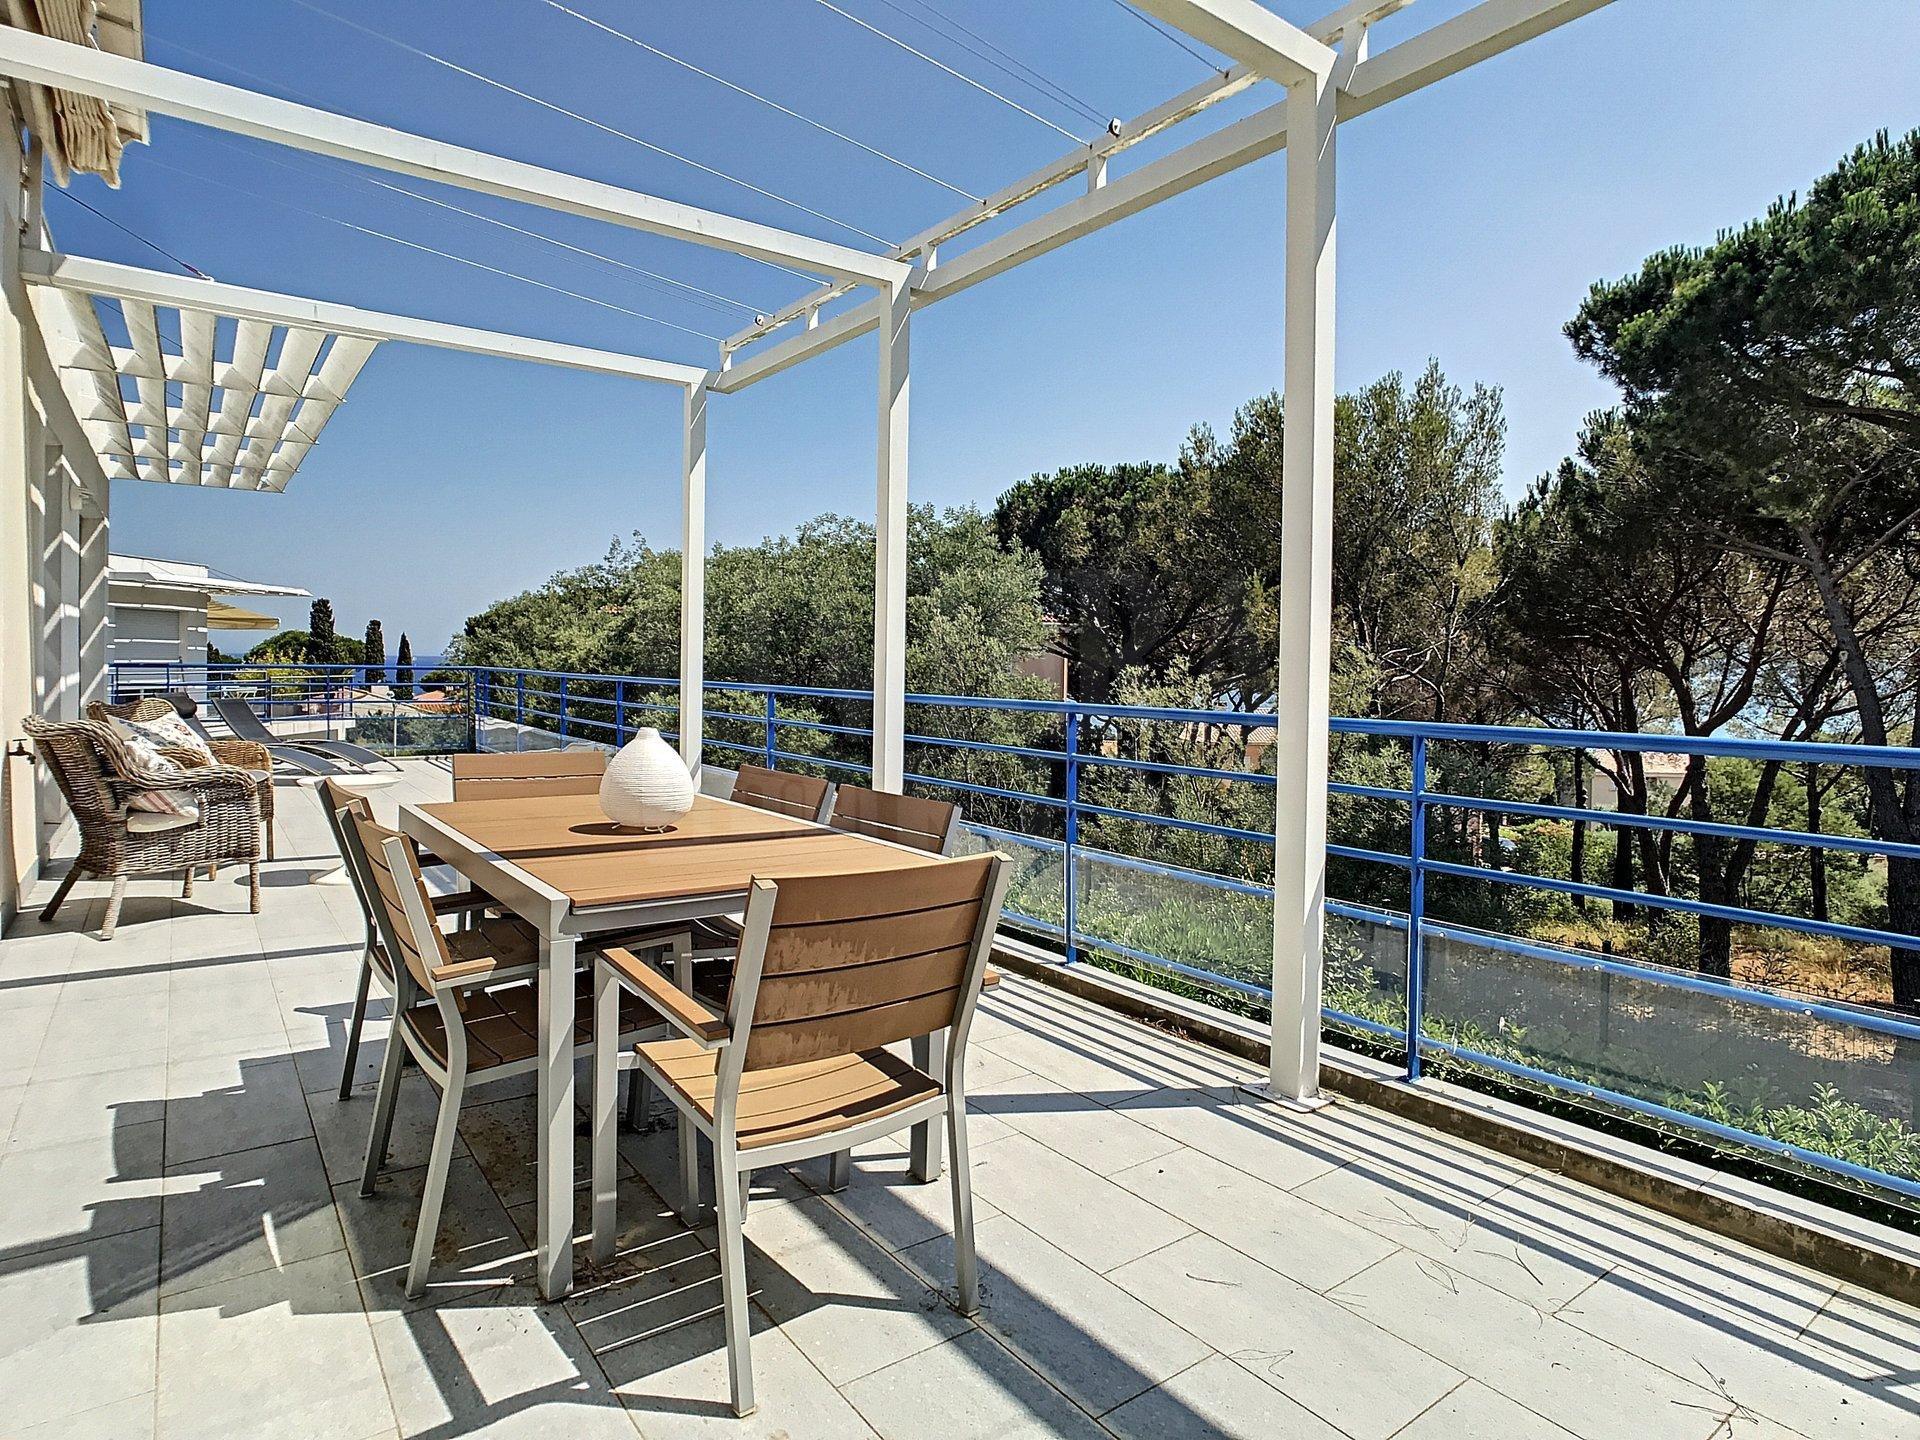 Appartement spacieux avec piscine, proche mer et centre-ville de Sainte-Maxime